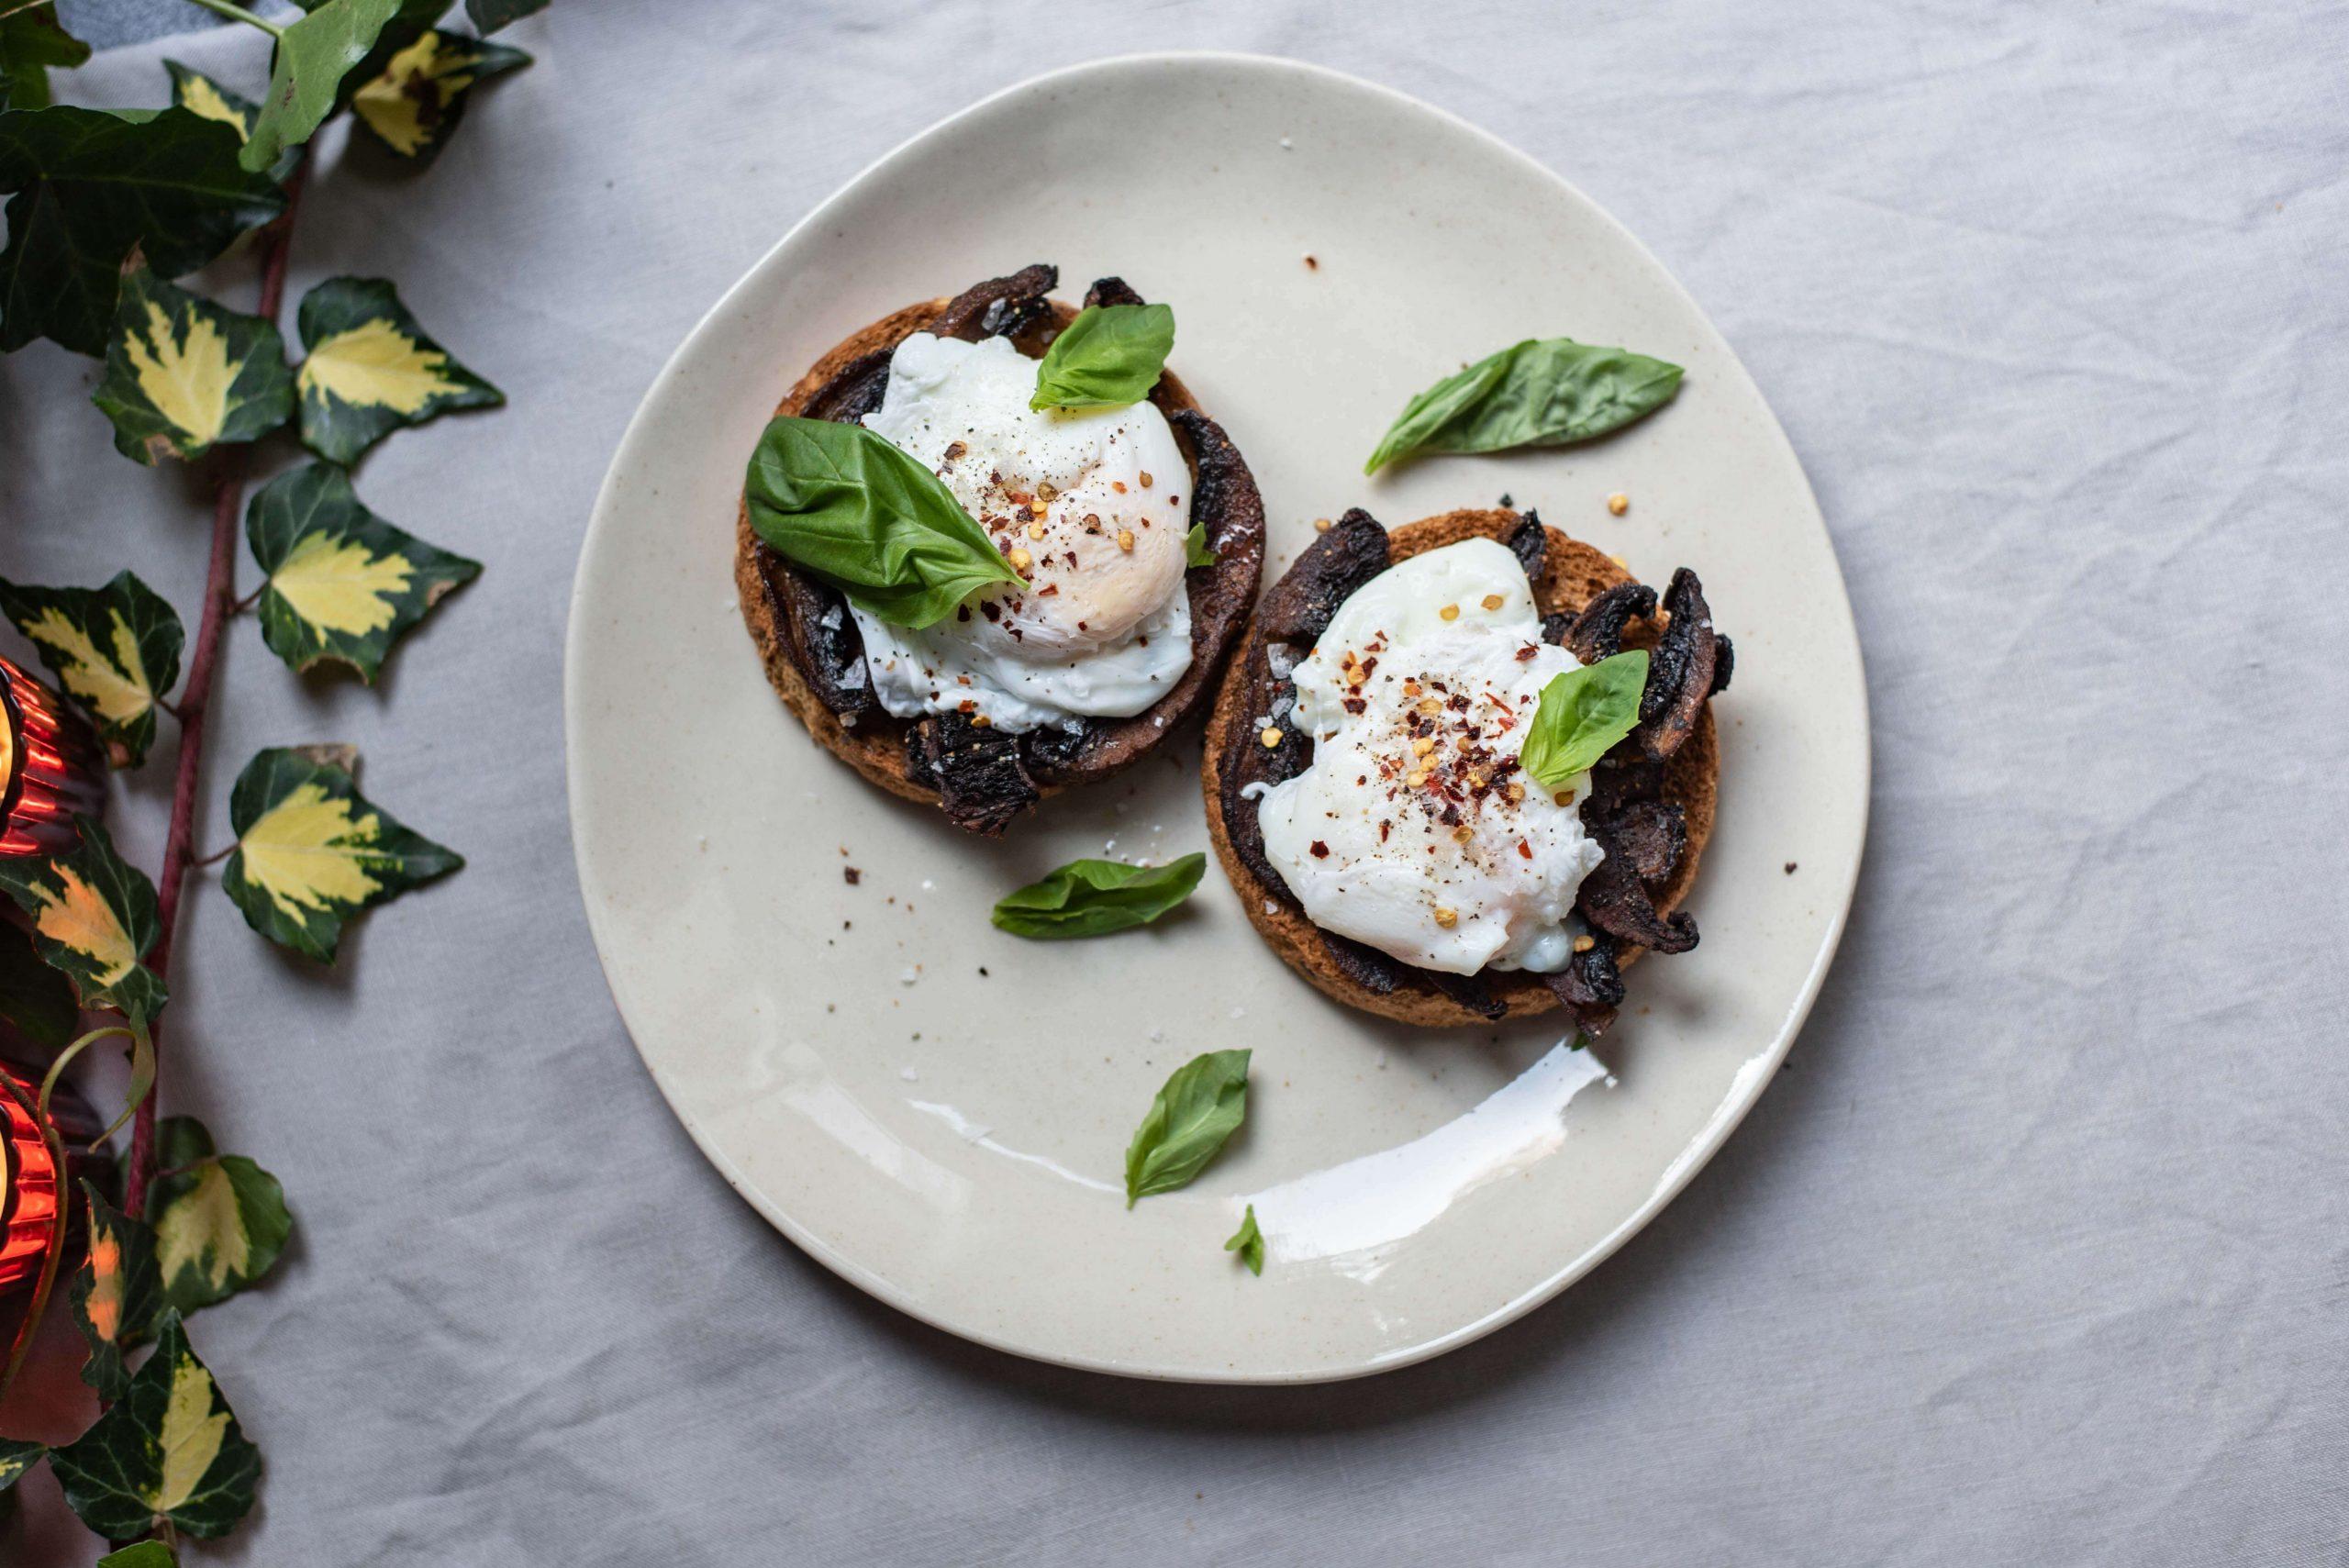 Portobello's met volkoren toast en gepocheerd ei